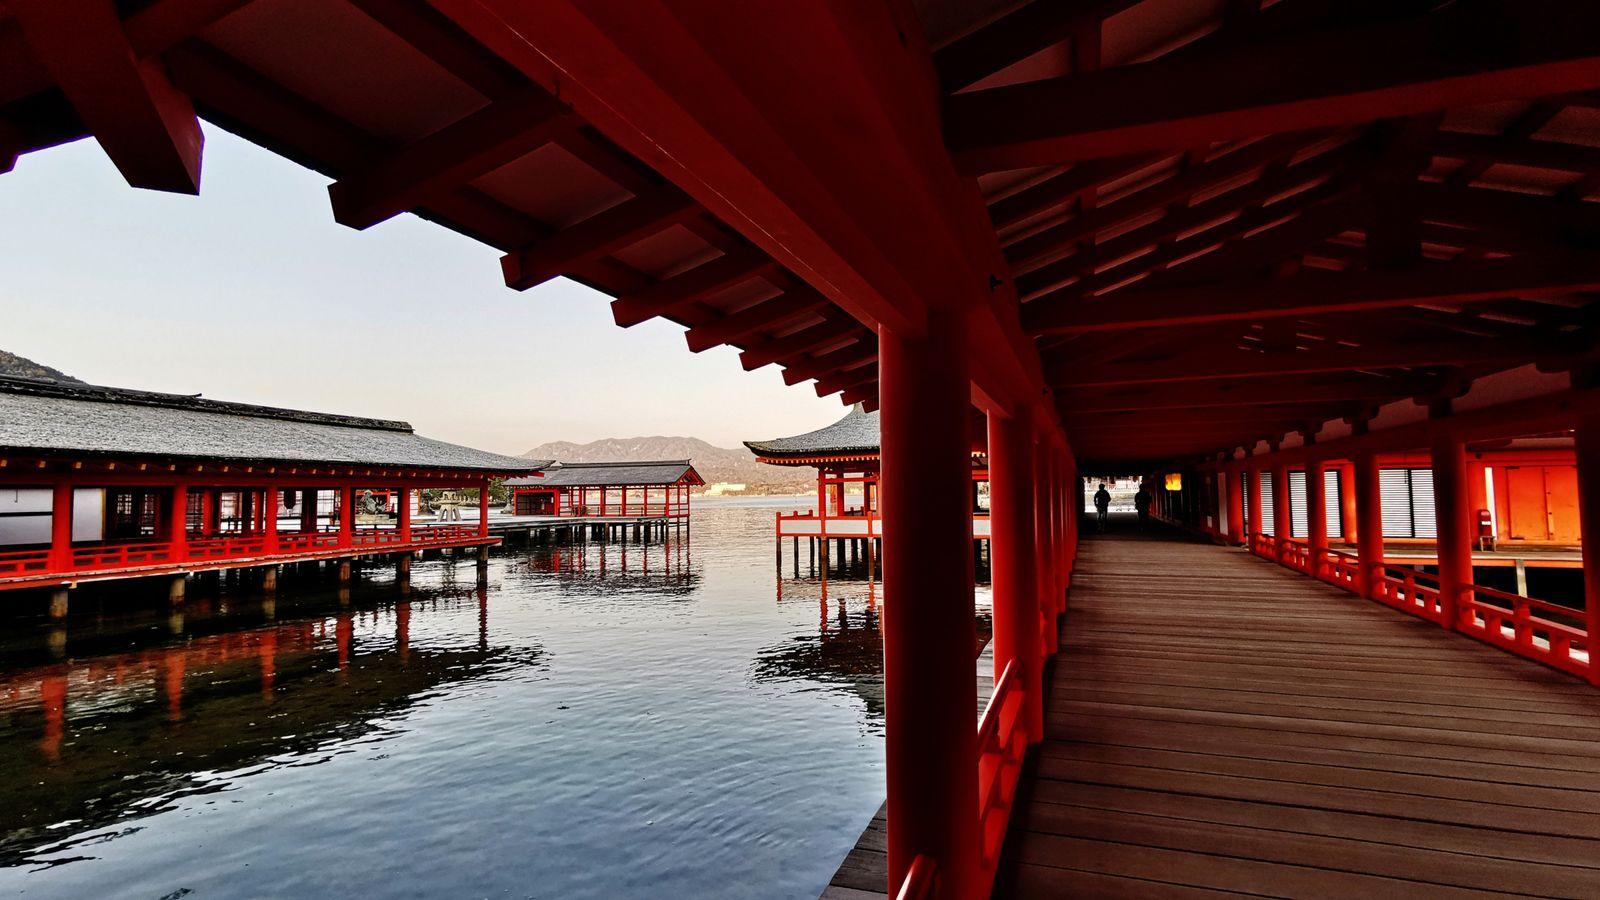 Le sanctuaire shinto d'Itsukushima, situé sur l'île de Miyajima, dans la baie d'Hiroshima, est l'un des ...